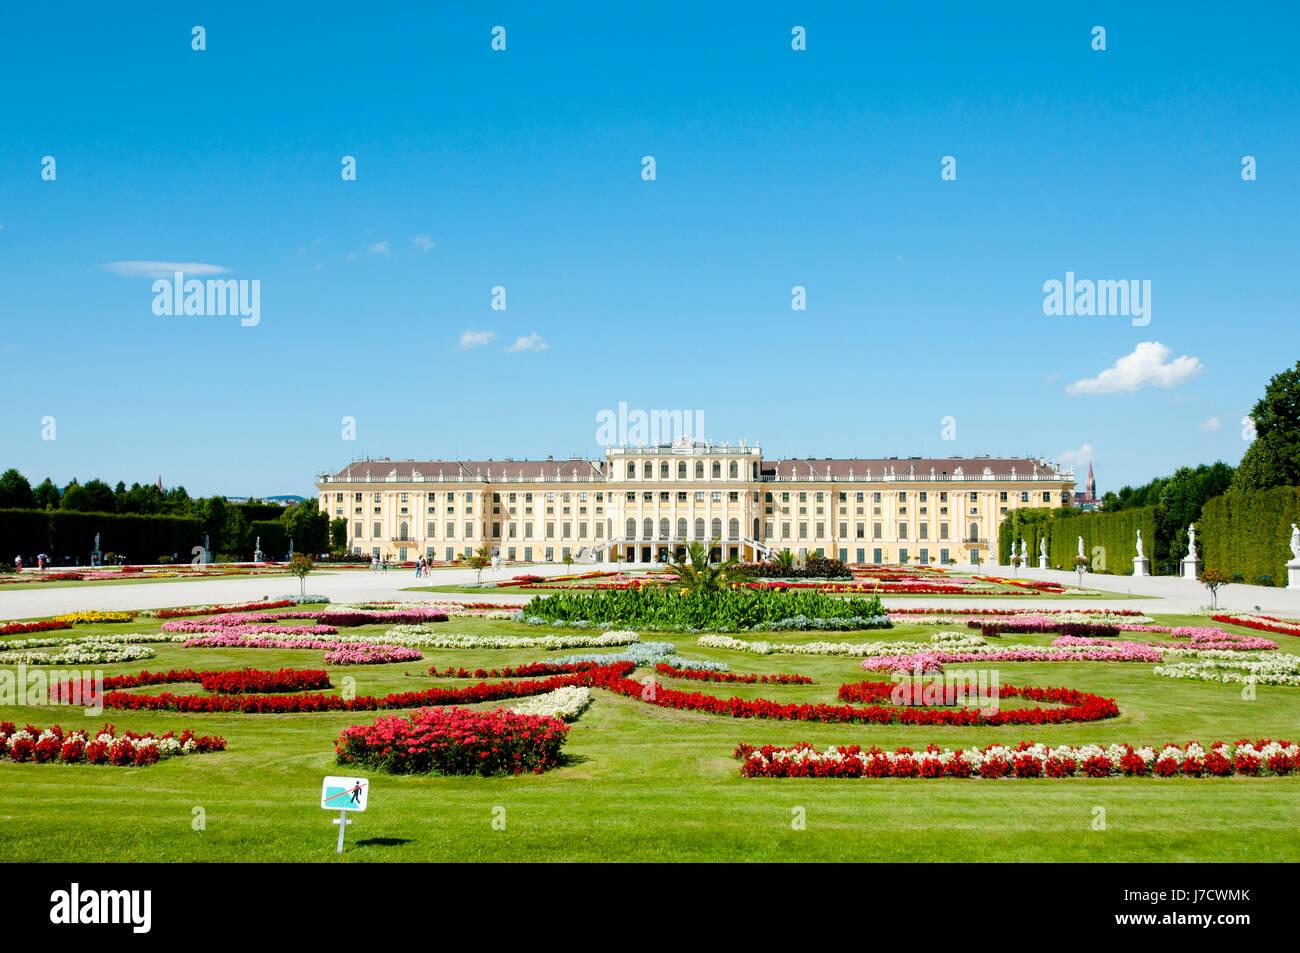 Palazzo di Schonbrunn - Vienna - Austria Immagini Stock